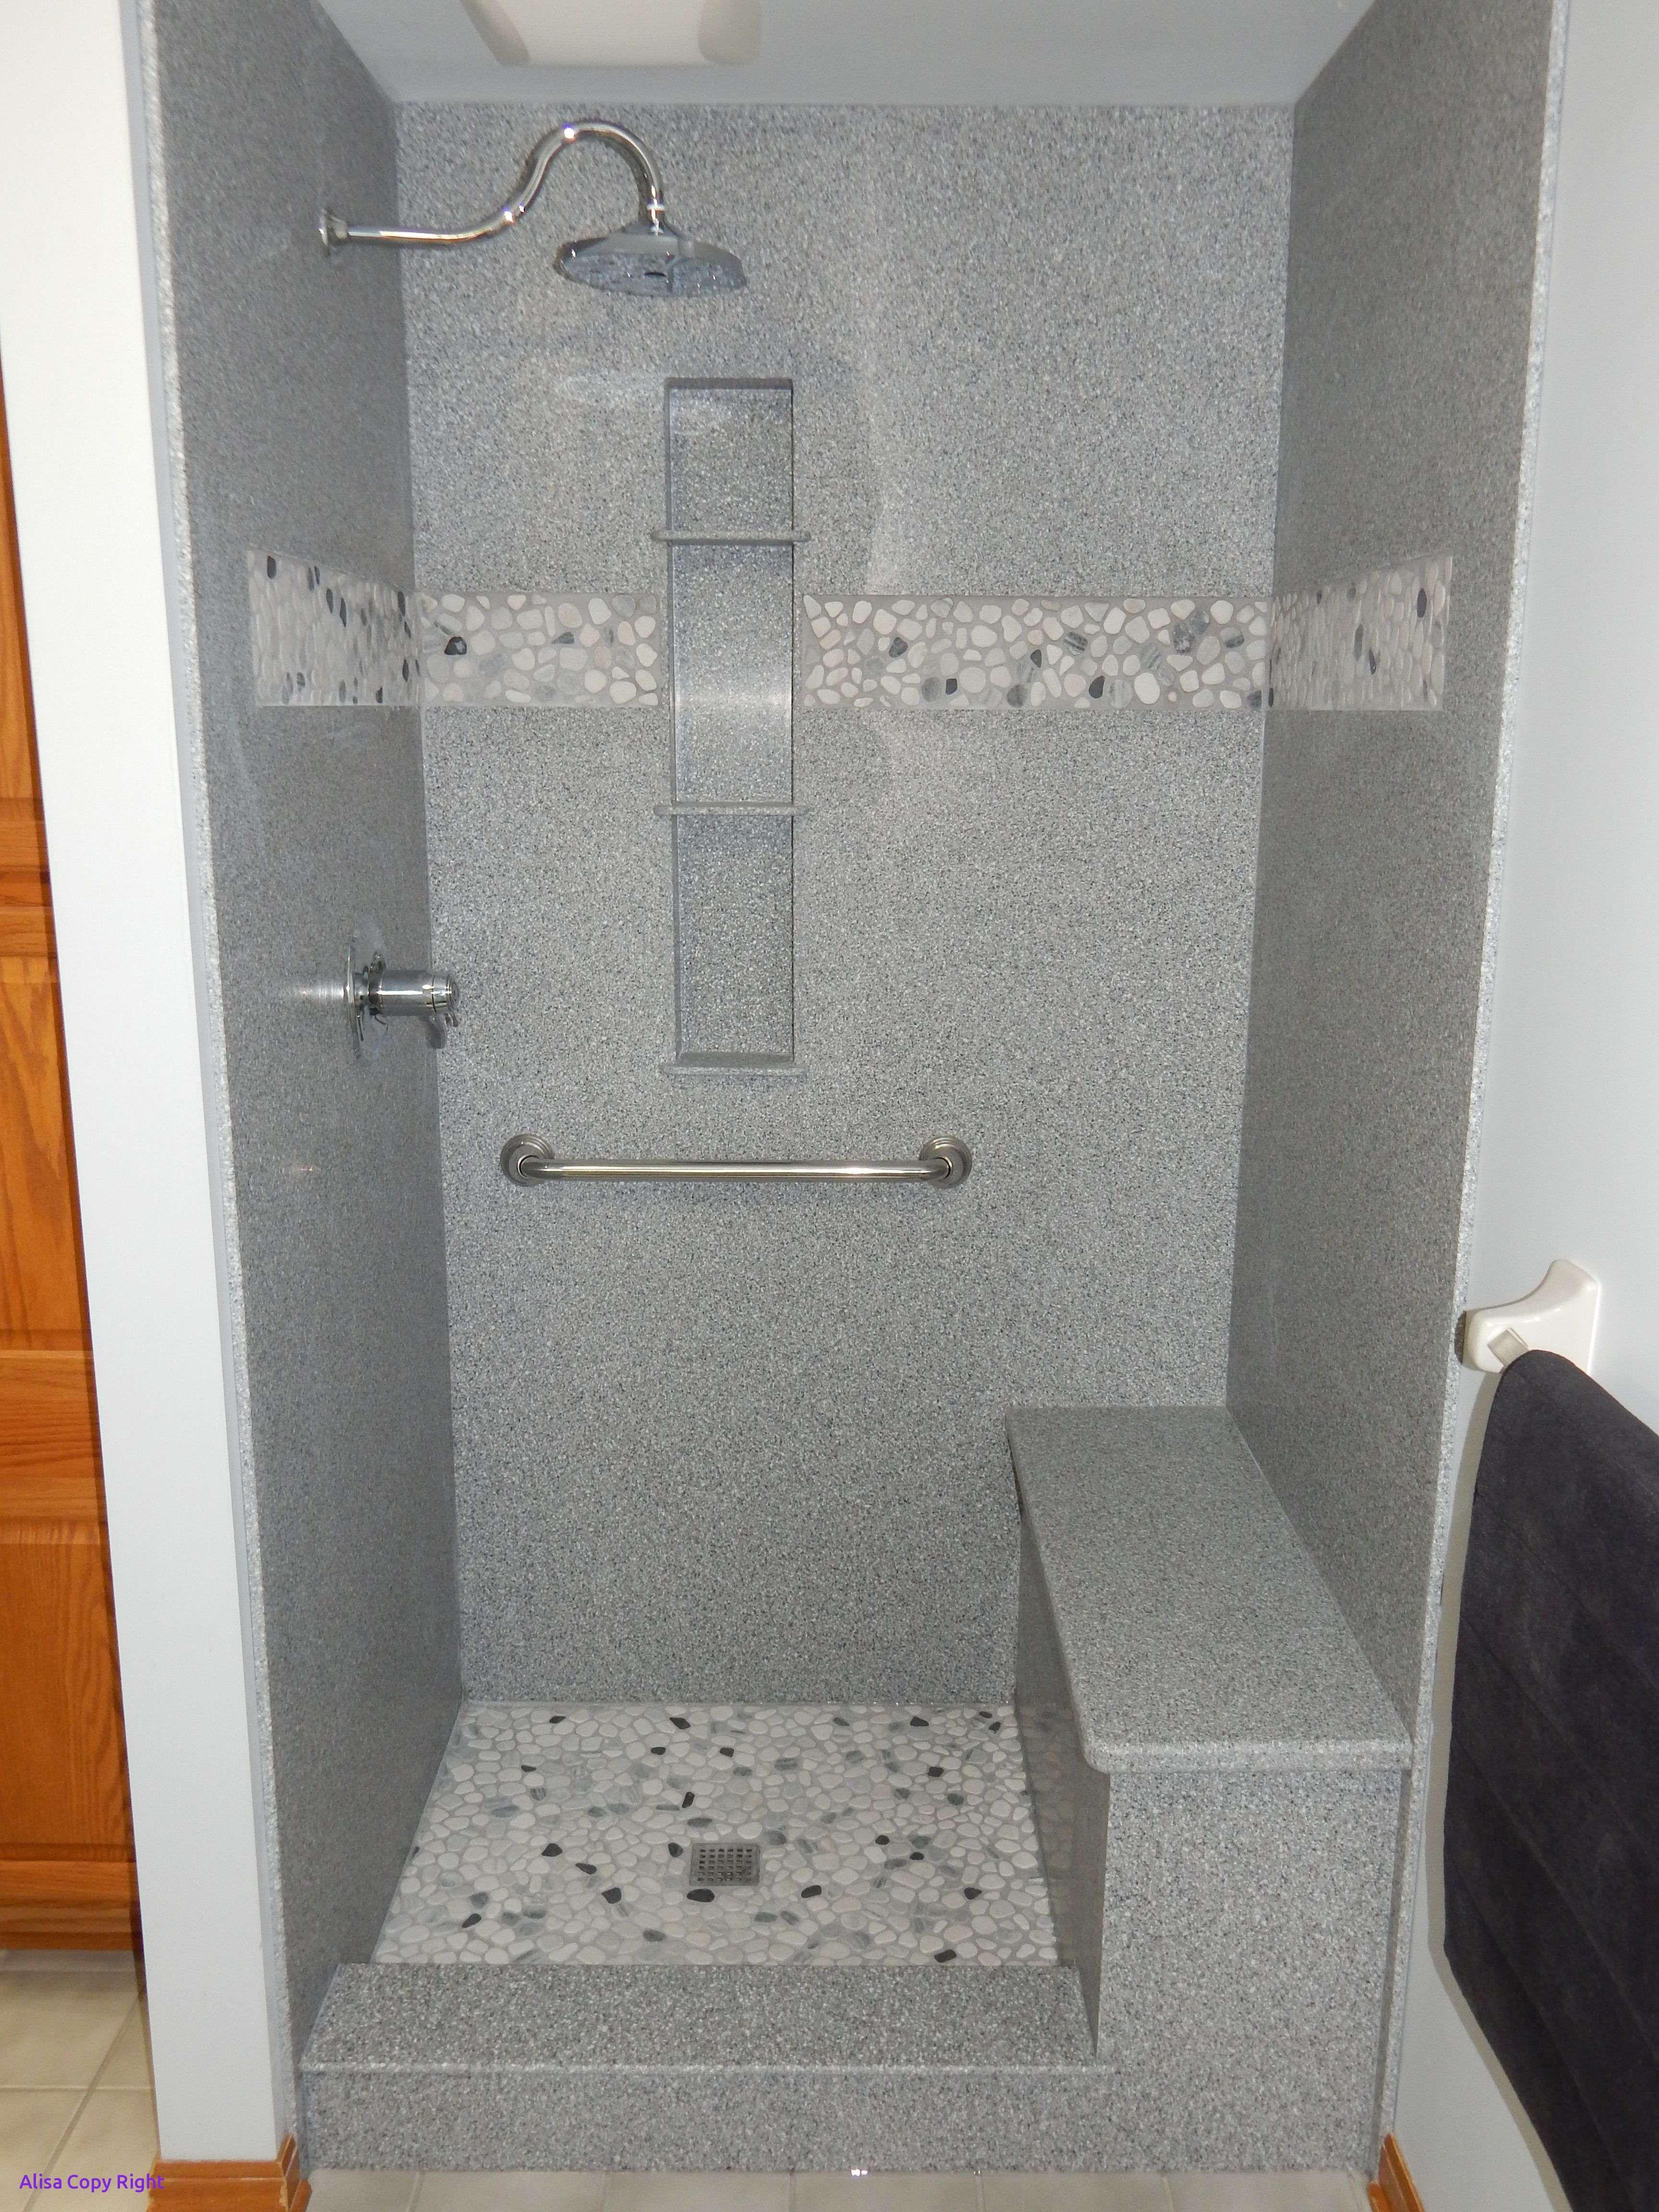 Corian Shower Walls Homedecoration Homedecorations Homedecorationideas Homedecorationtrends Hom Corian Shower Walls Diy Shower Door Bathroom Shower Walls